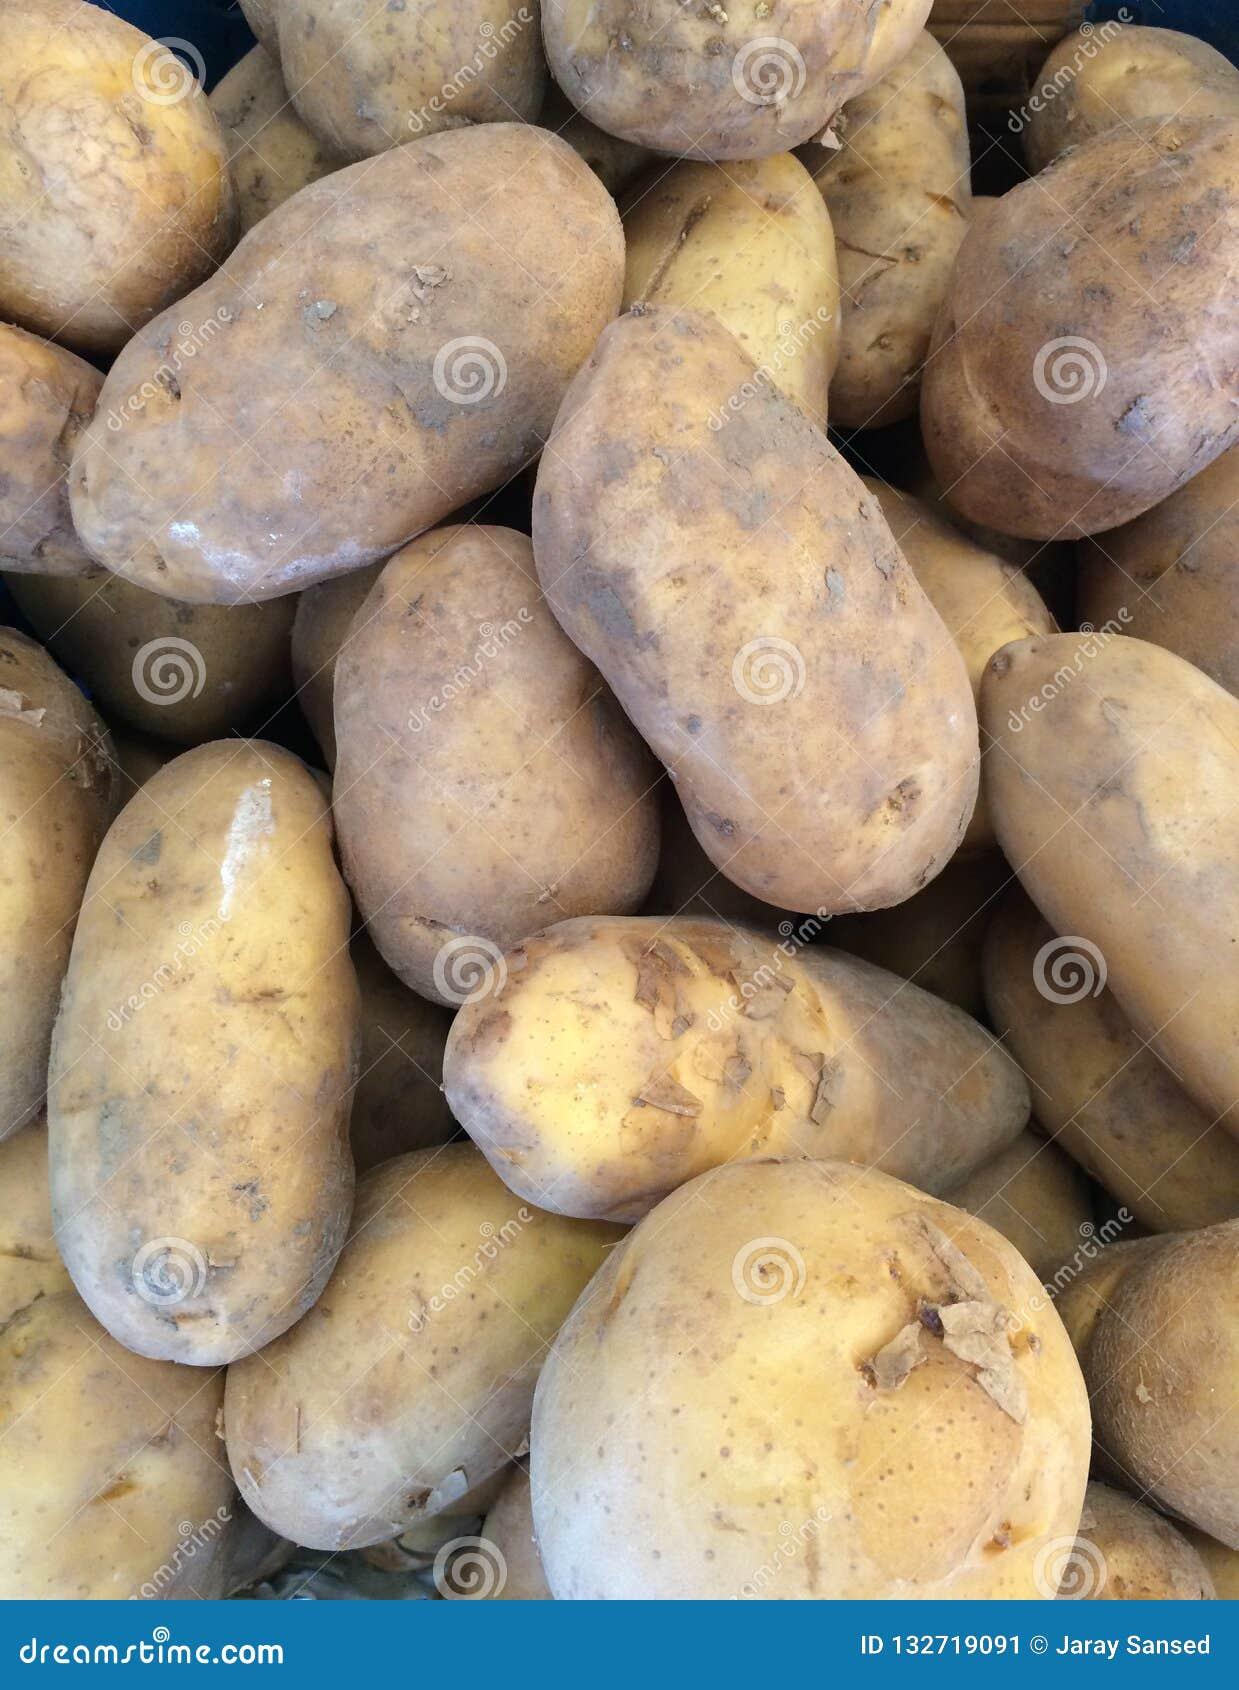 Le patate hanno accatastato insieme varie dimensioni